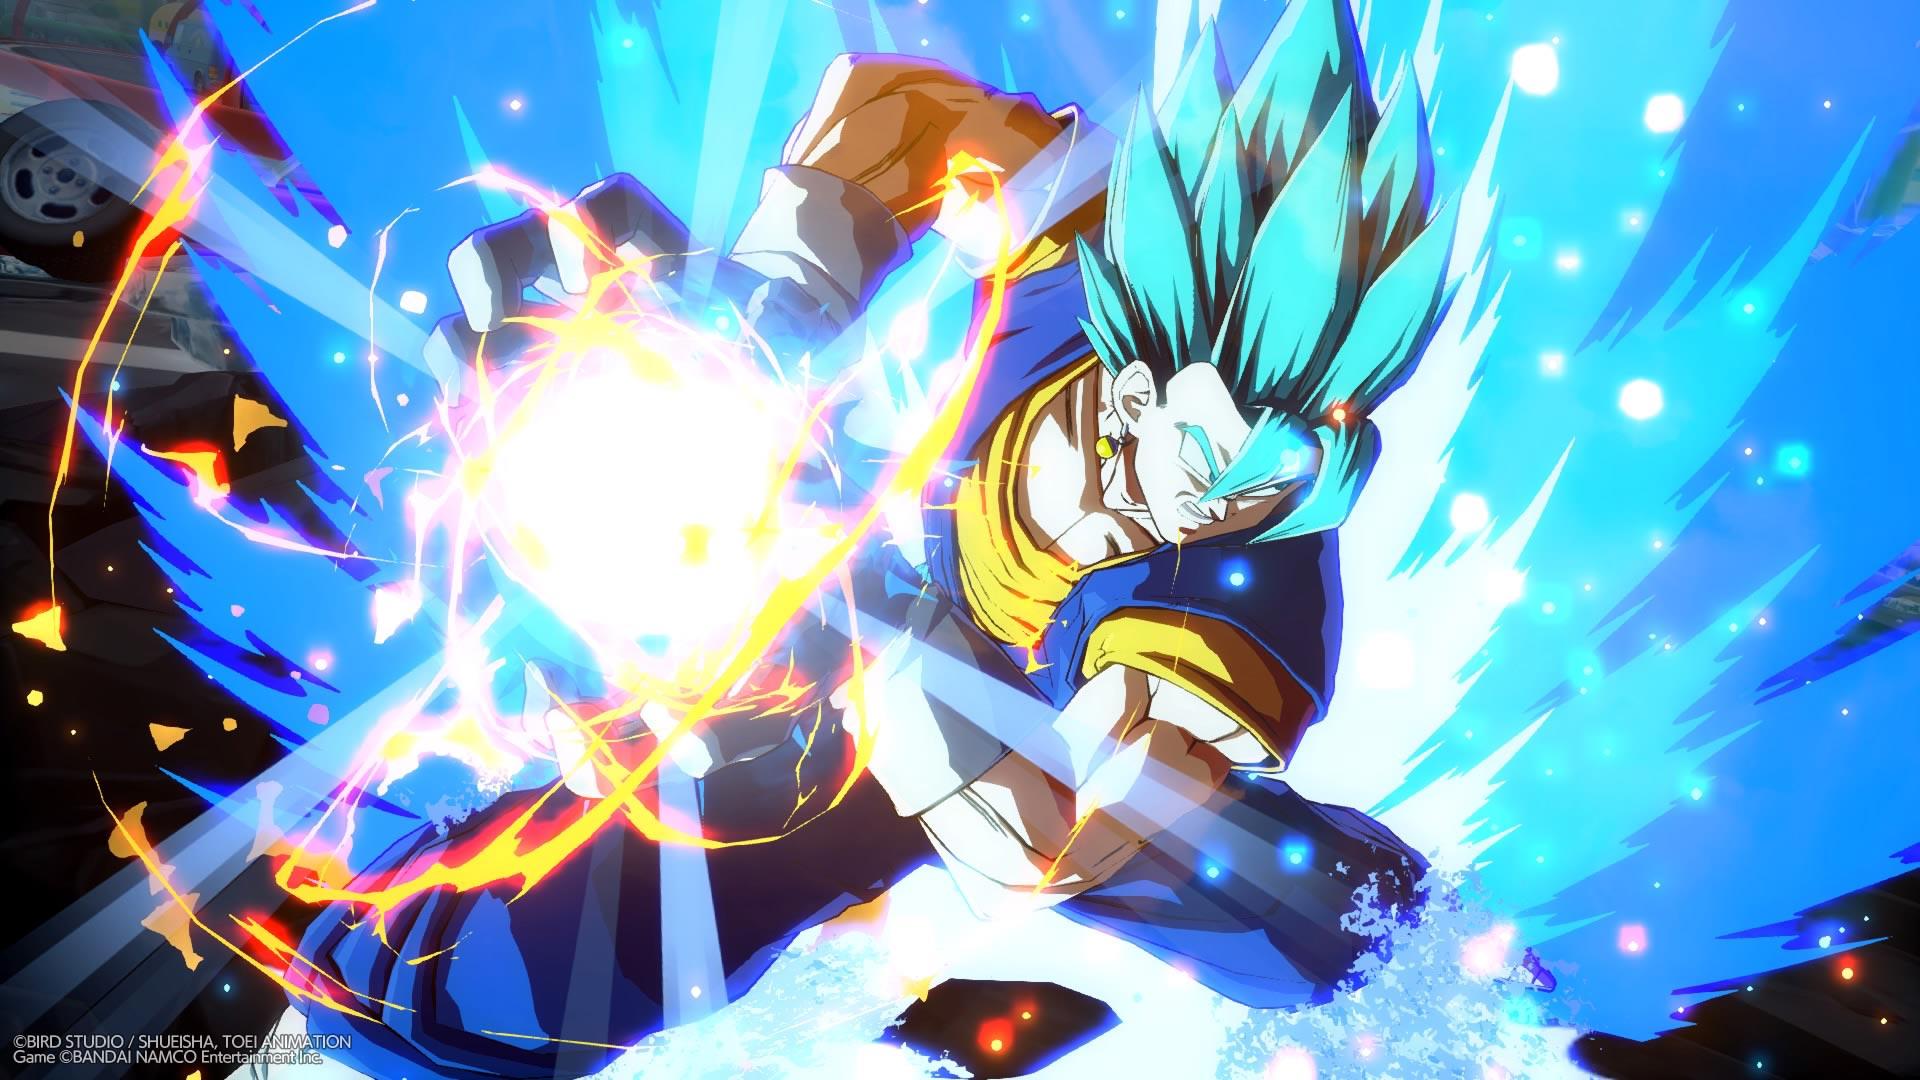 Super Saiyan God Super Saiyan Vegito And Fused Zamasu Dragon Ball